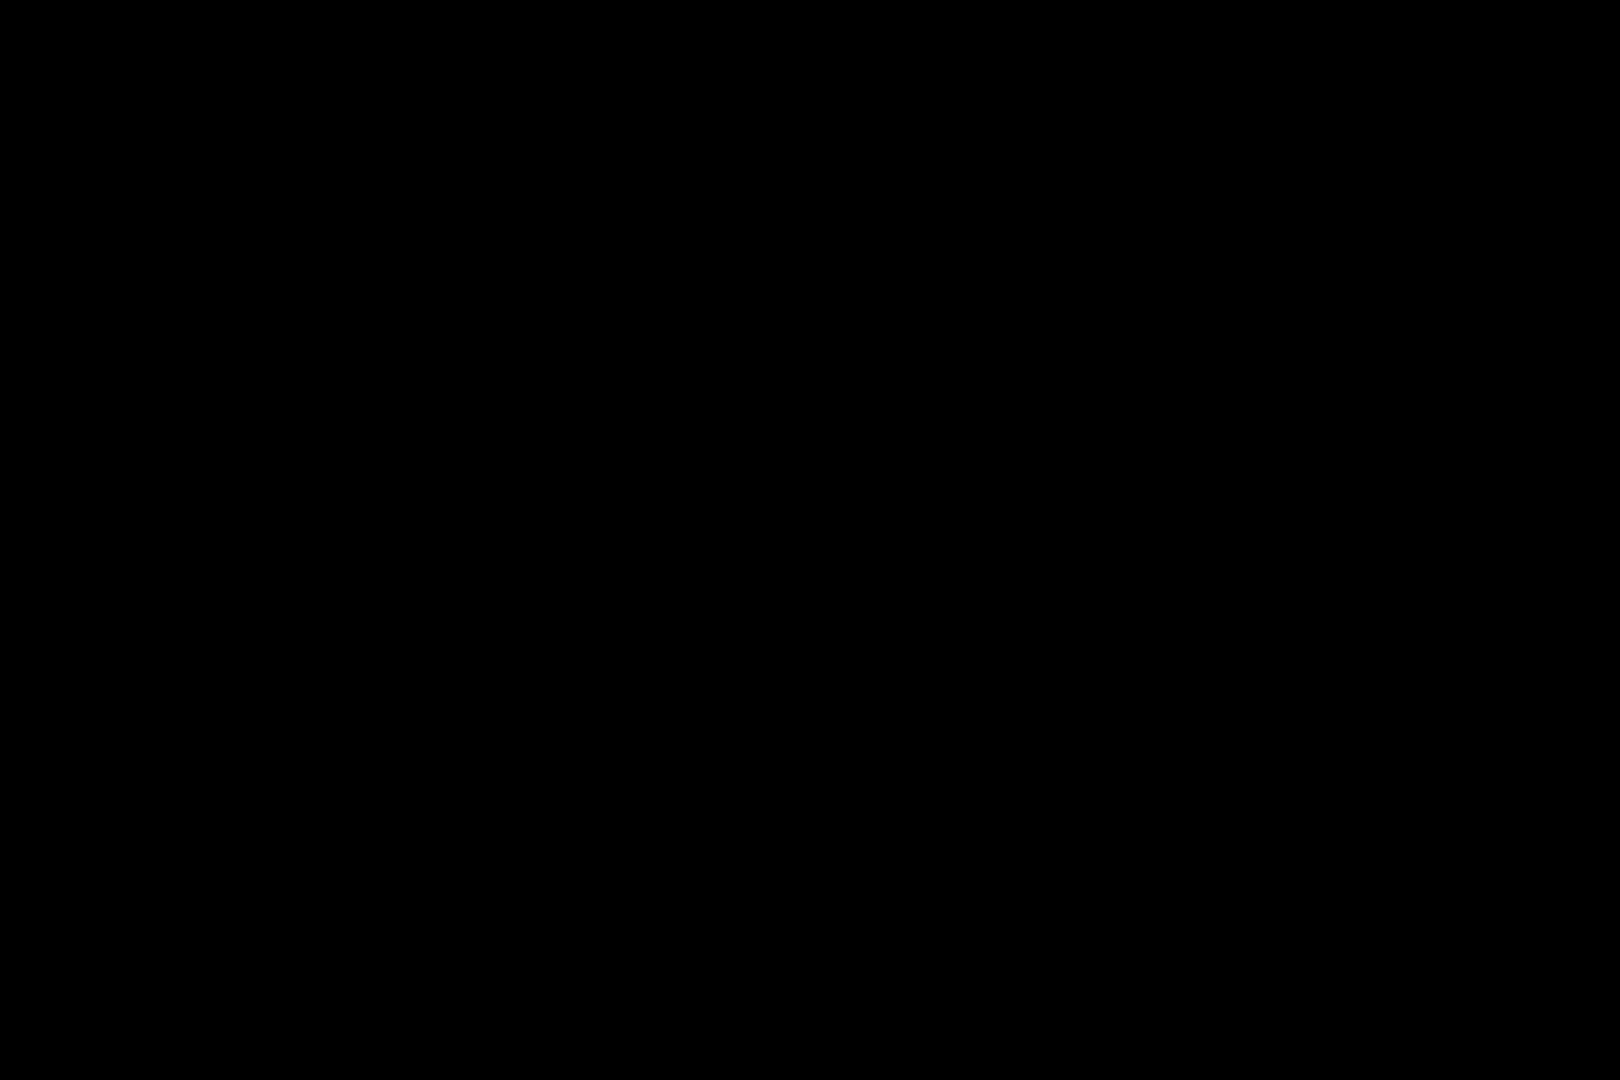 充血監督の深夜の運動会Vol.118 独身エッチOL   カップル  64pic 38